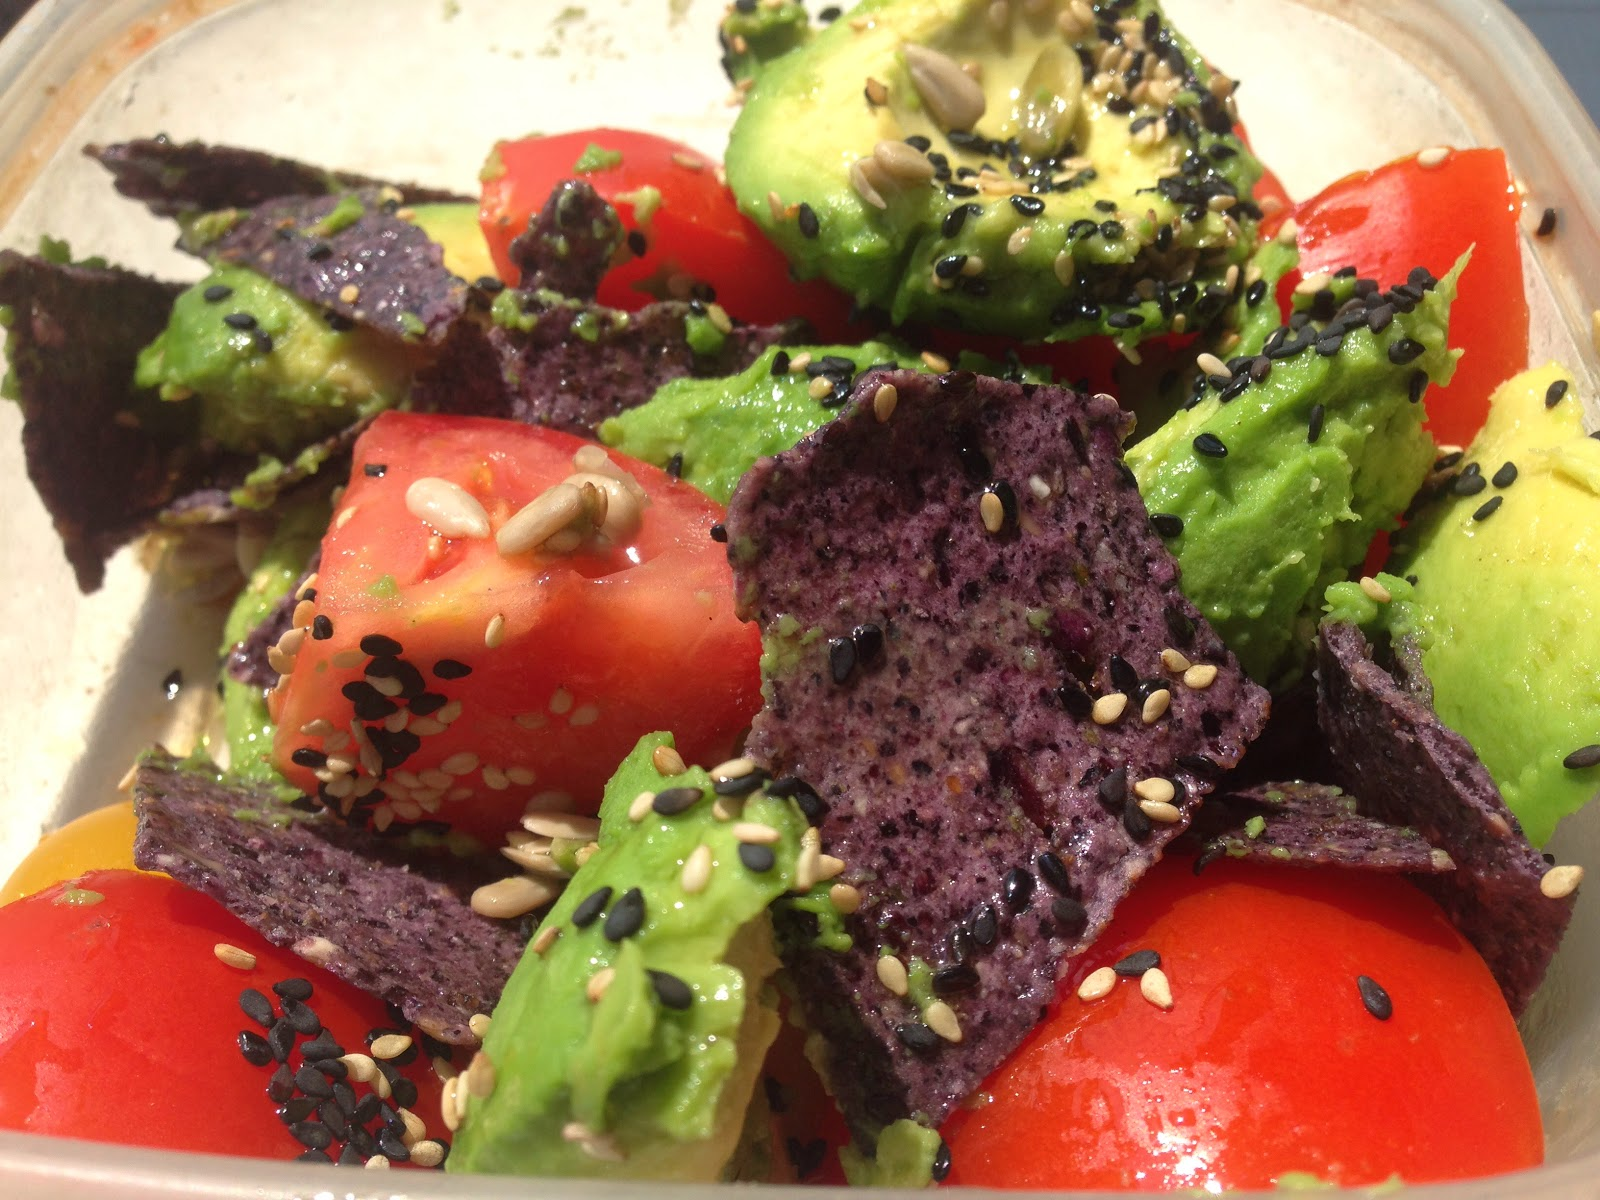 http://www.newyorkacupuncturecenter.com/goji_berry_nutrition.html